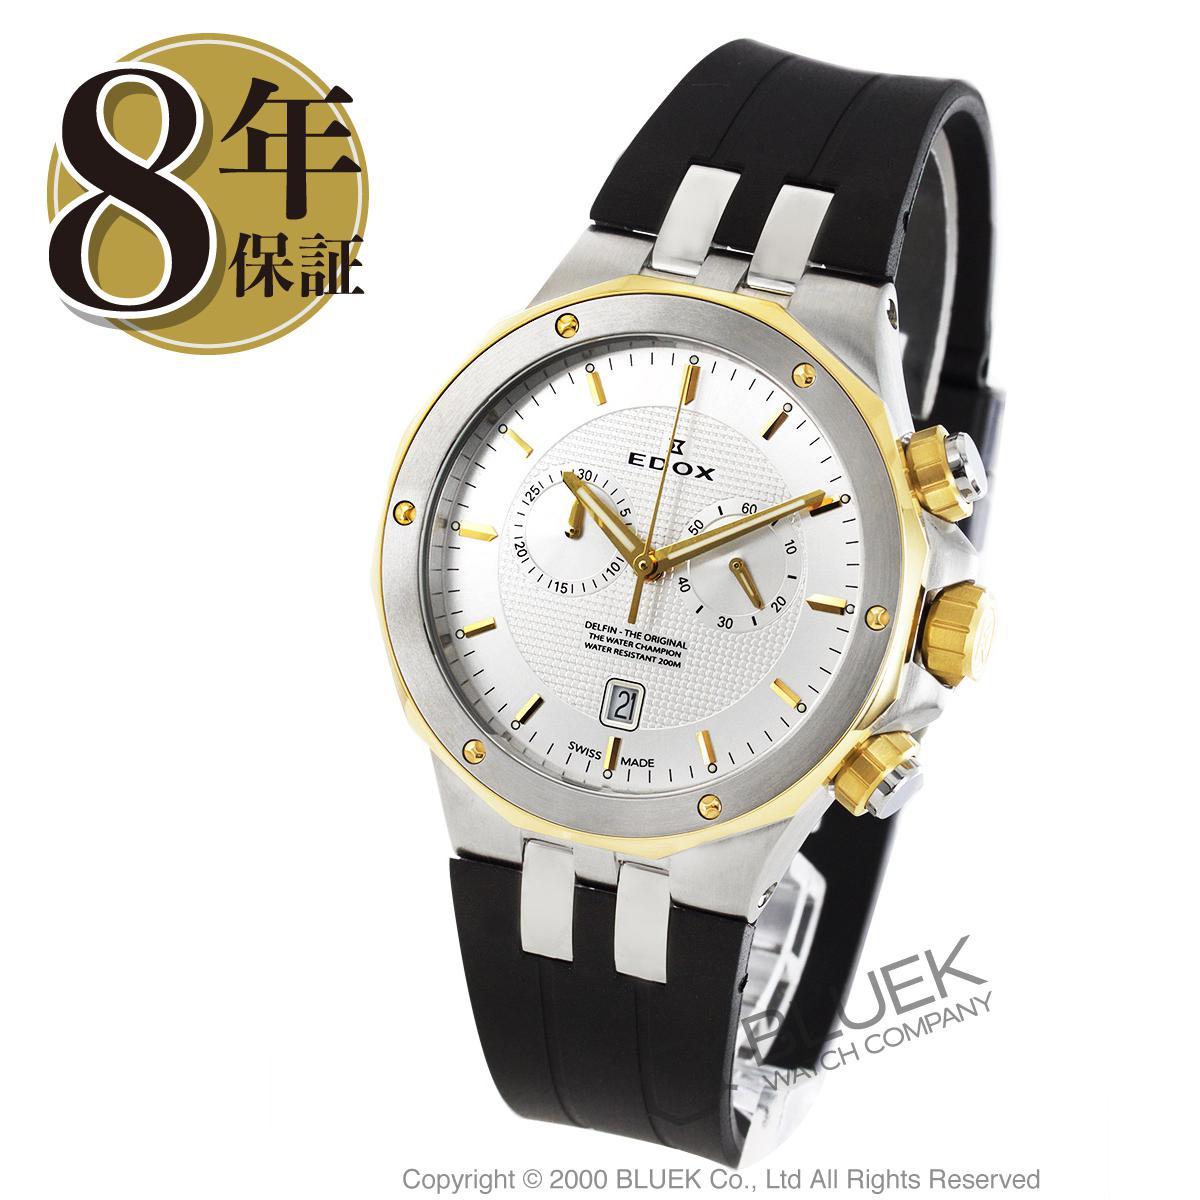 エドックス デルフィン クロノグラフ 腕時計 メンズ EDOX 10110-357JCA-AID_8